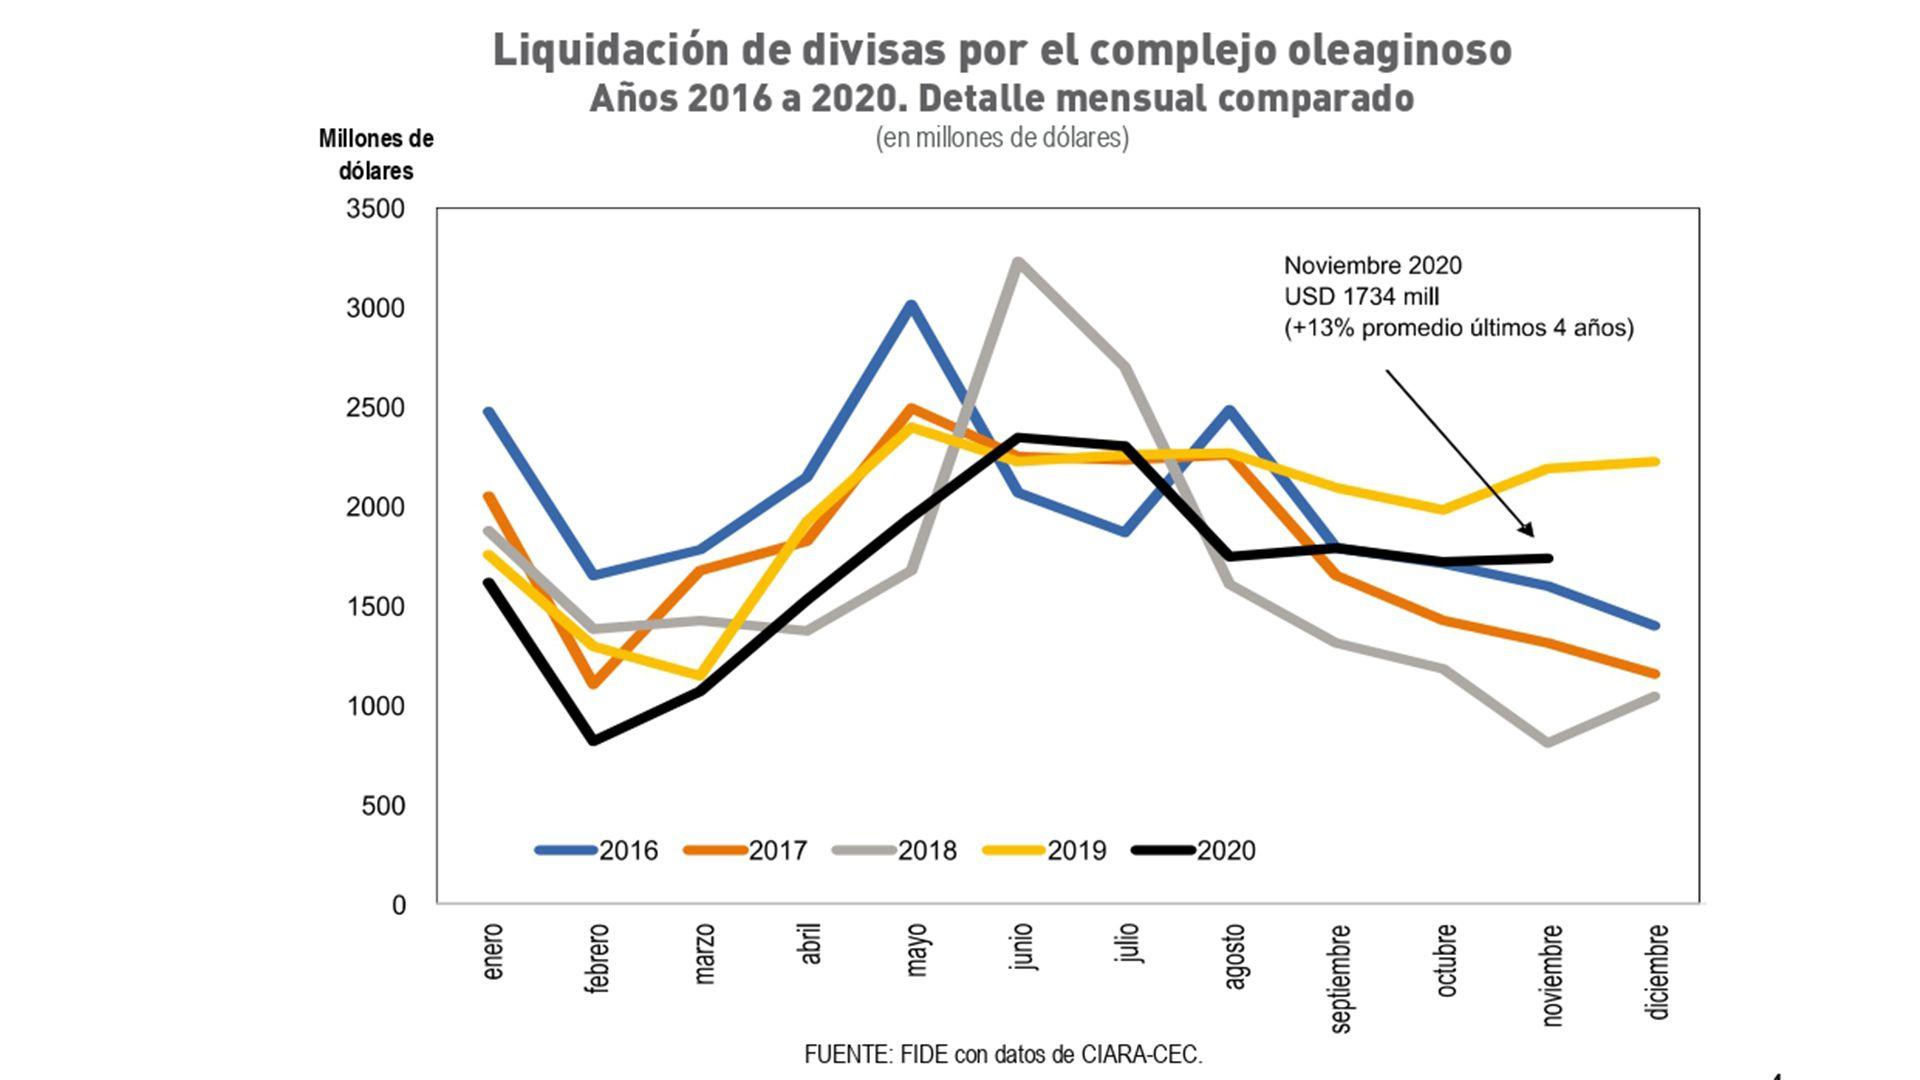 Liquidación de divisas por el complejo oleaginoso Años 2016 a 2020. Detalle mensual comparado